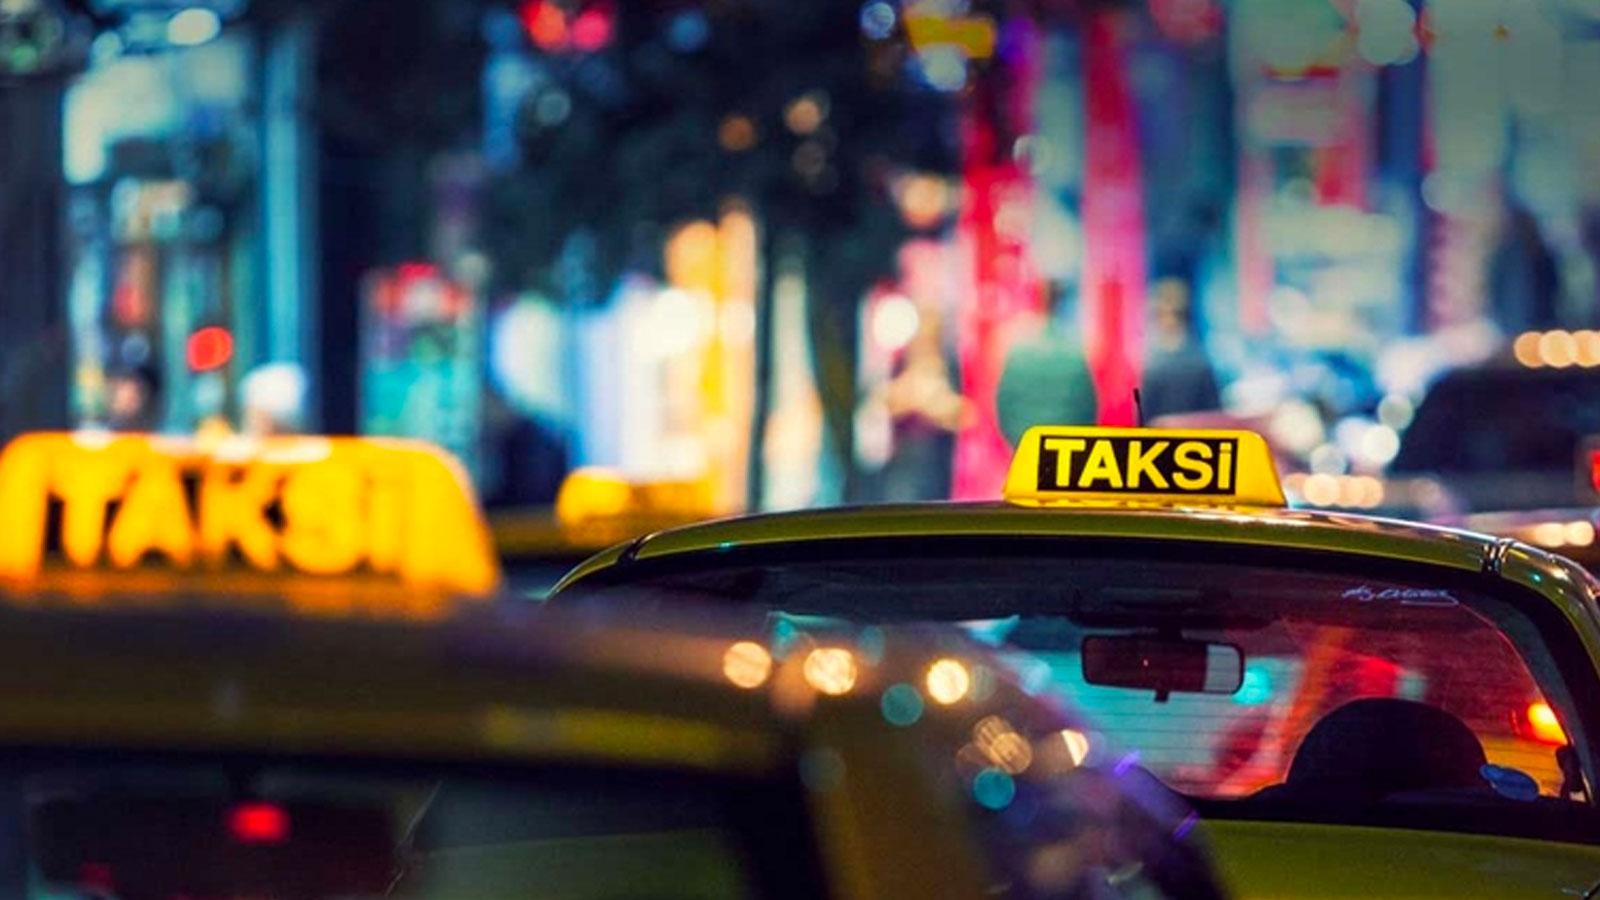 İstanbul'da sarı taksicilik: Sistematik emek sömürüsü nasıl işletiliyor?